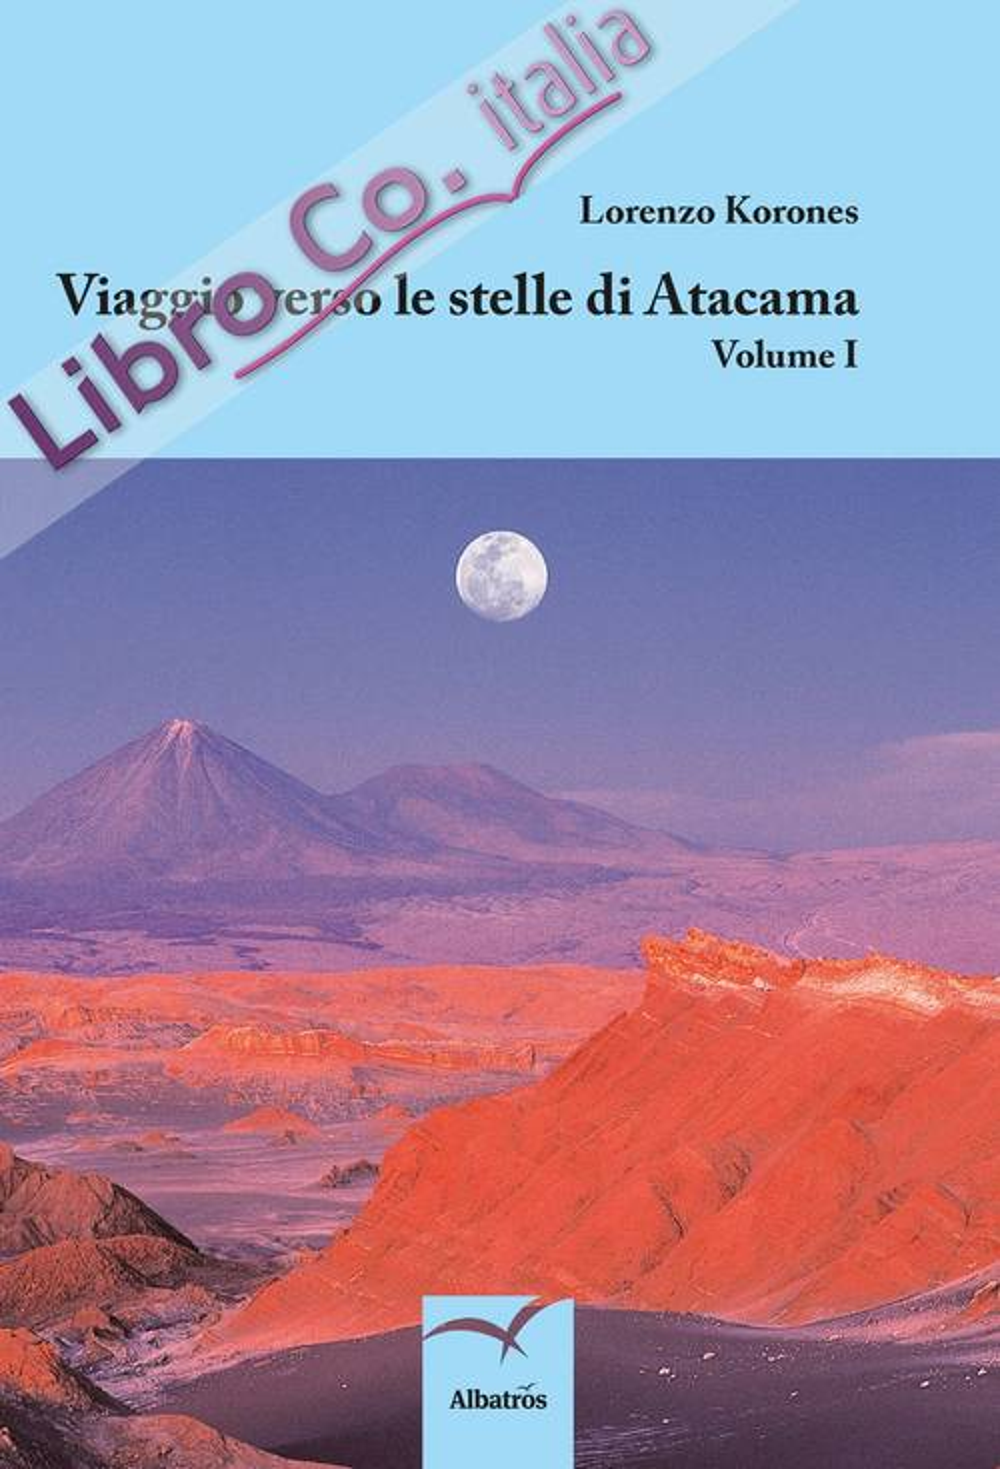 Viaggio verso le stelle di Atacama